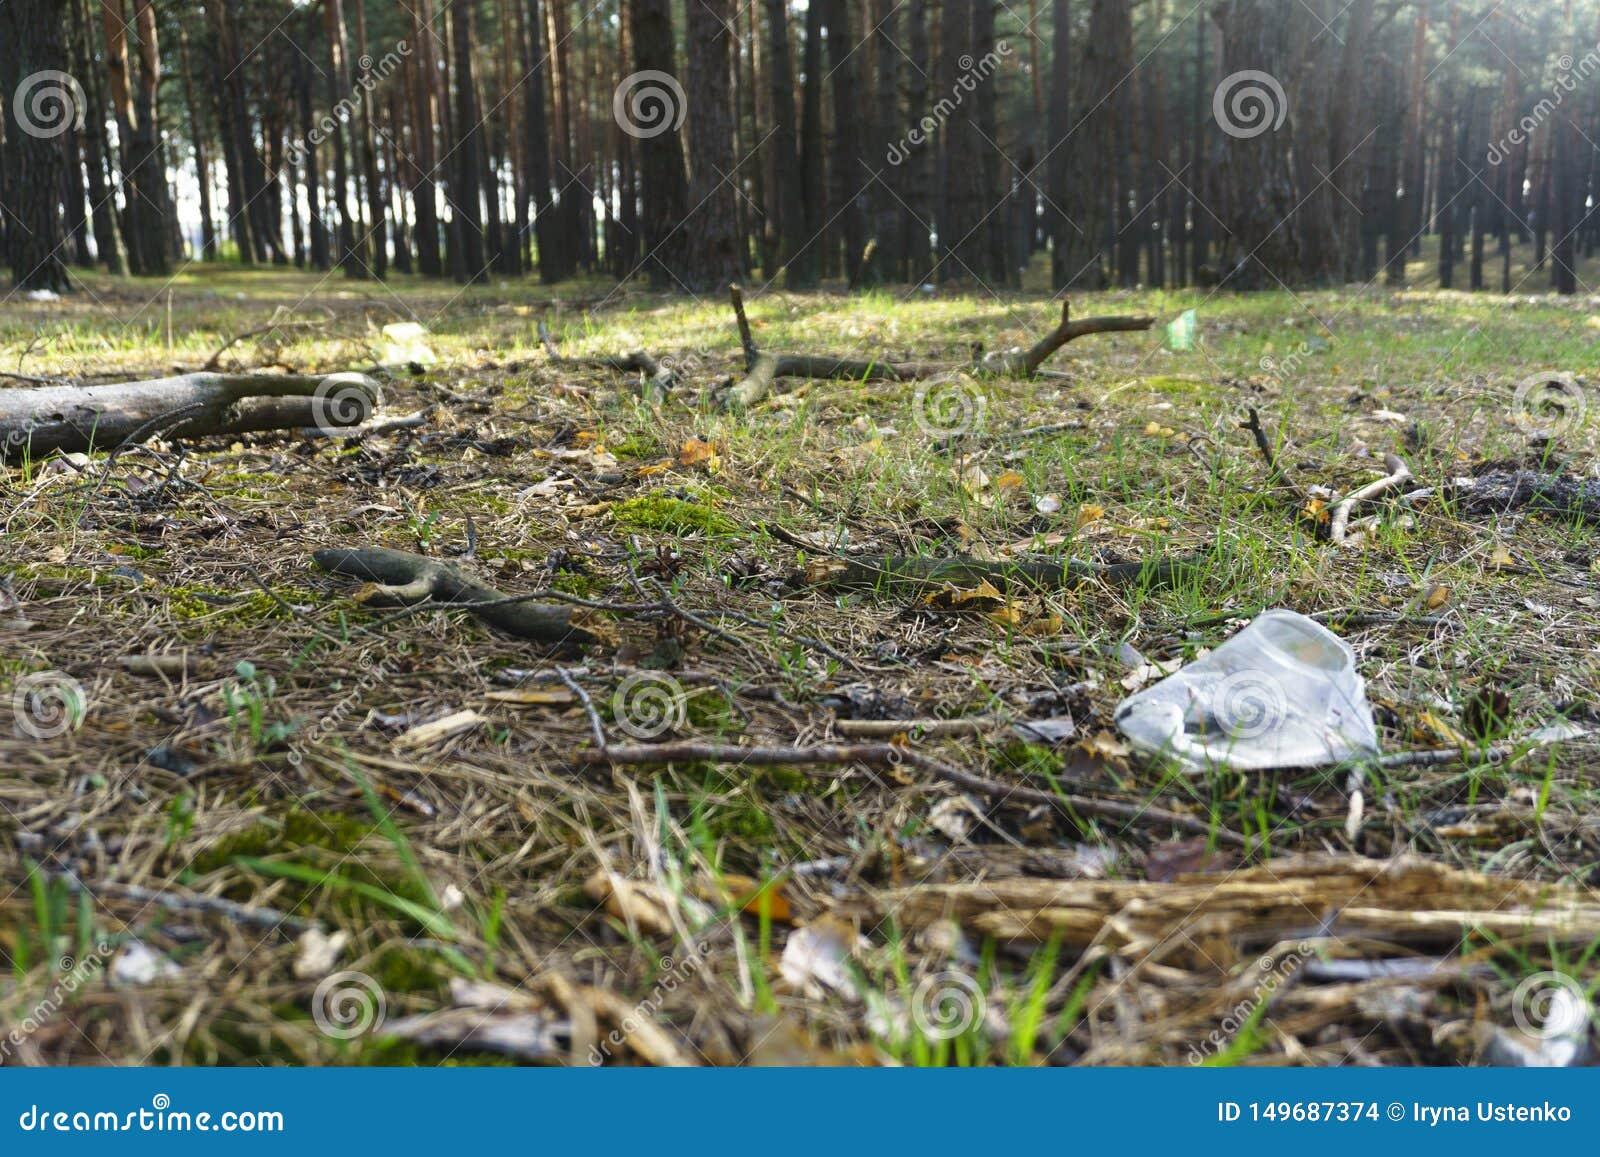 Een transparante plastic Kop in het bosprobleem van ecologie